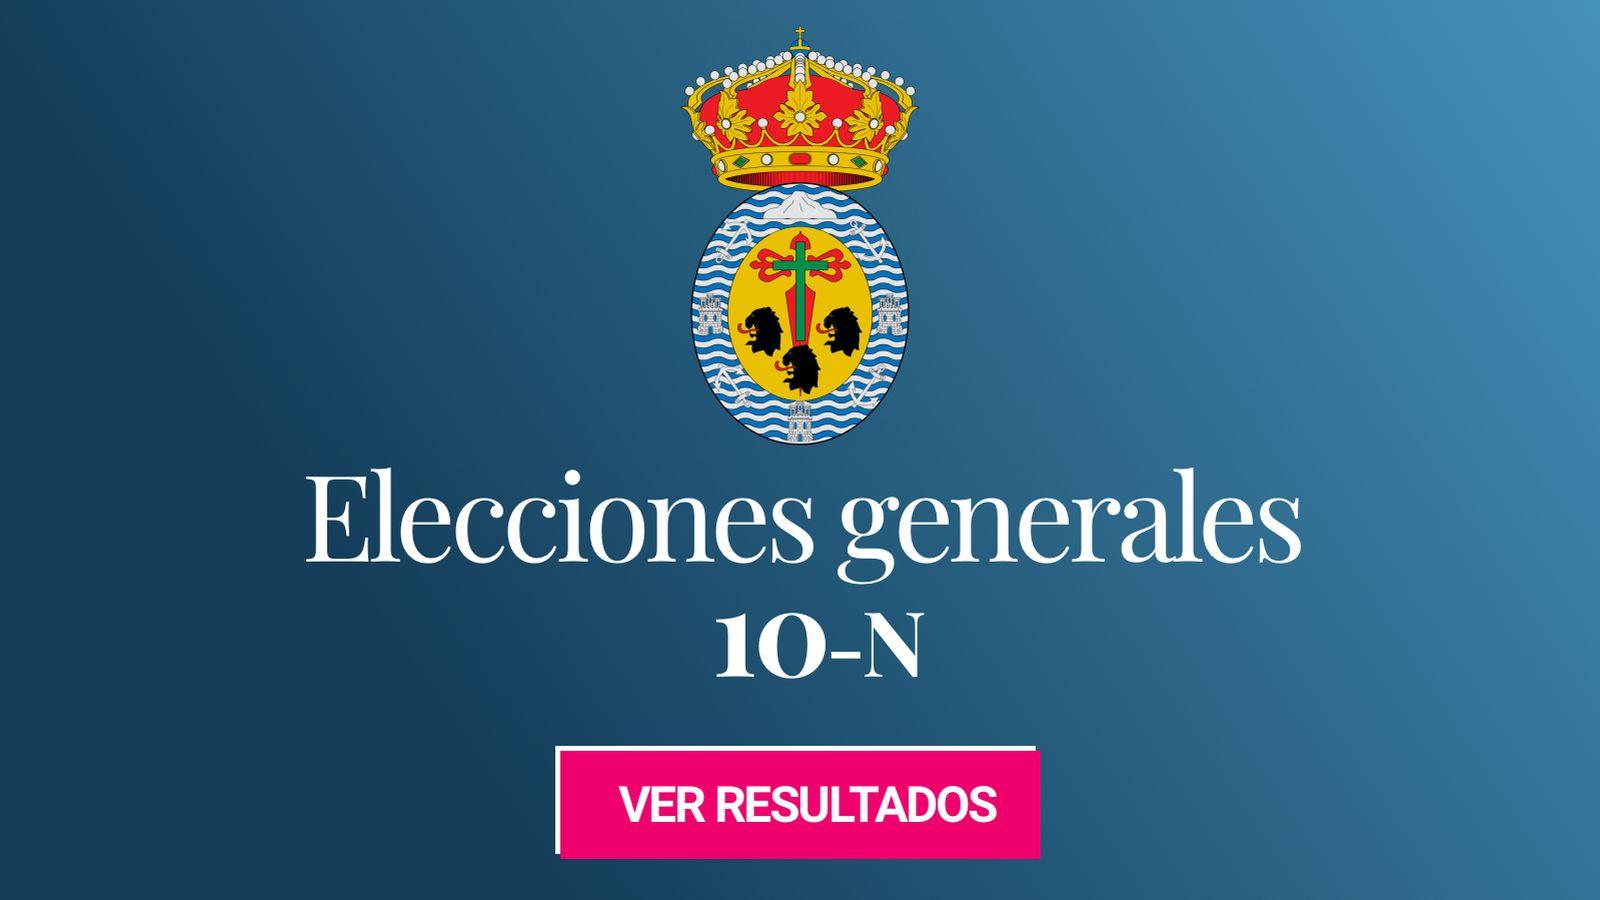 Foto: Elecciones generales 2019 en la provincia de Santa Cruz de Tenerife. (C.C./HansenBCN)